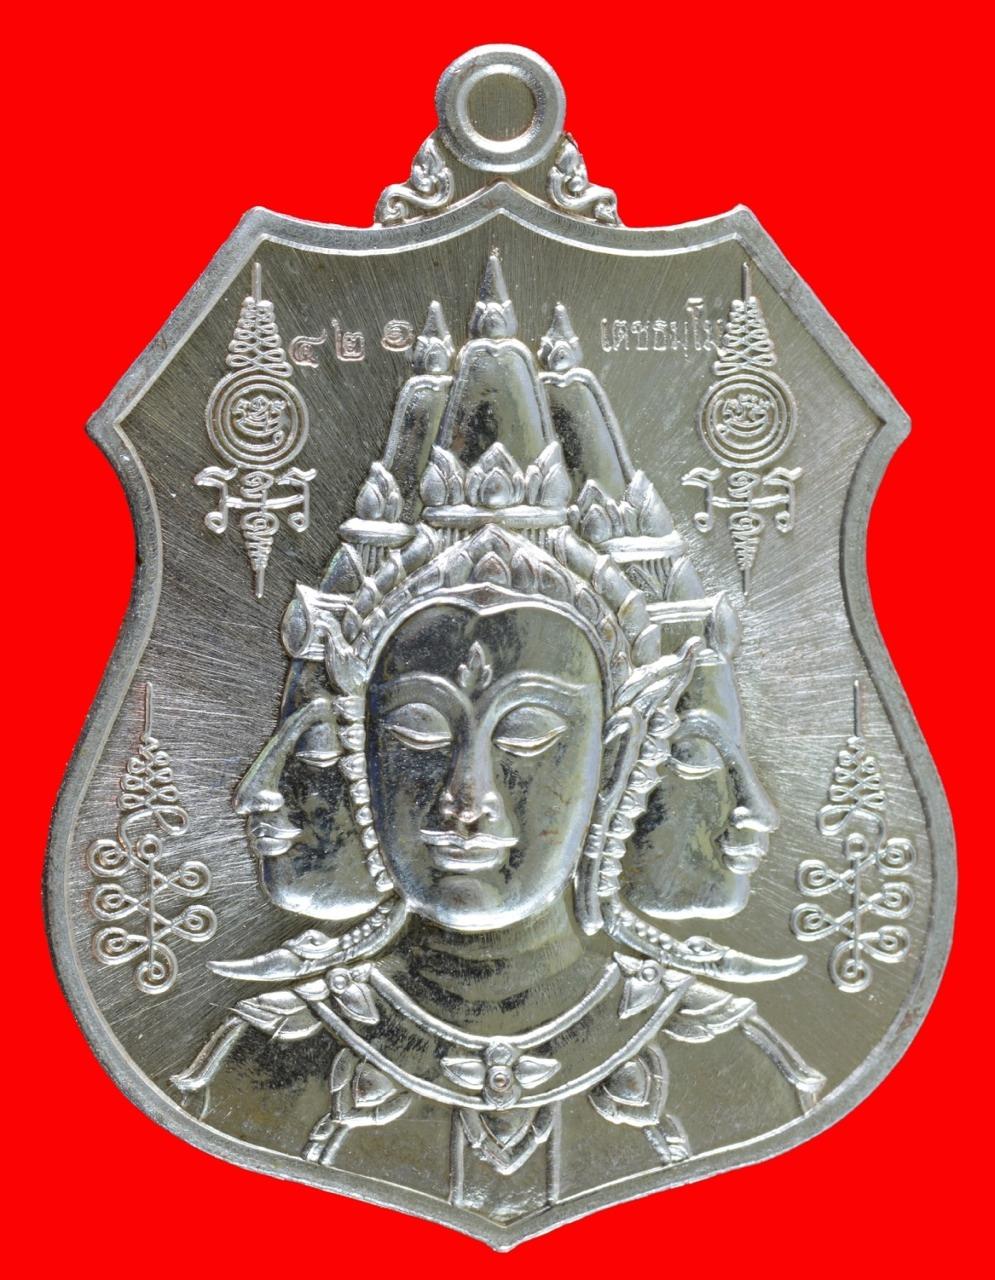 เหรียญพระพรหมมนต์จินดามณี เนื้อนวะผิวเงิน หลวงพ่อชู วัดทัพชุมพล